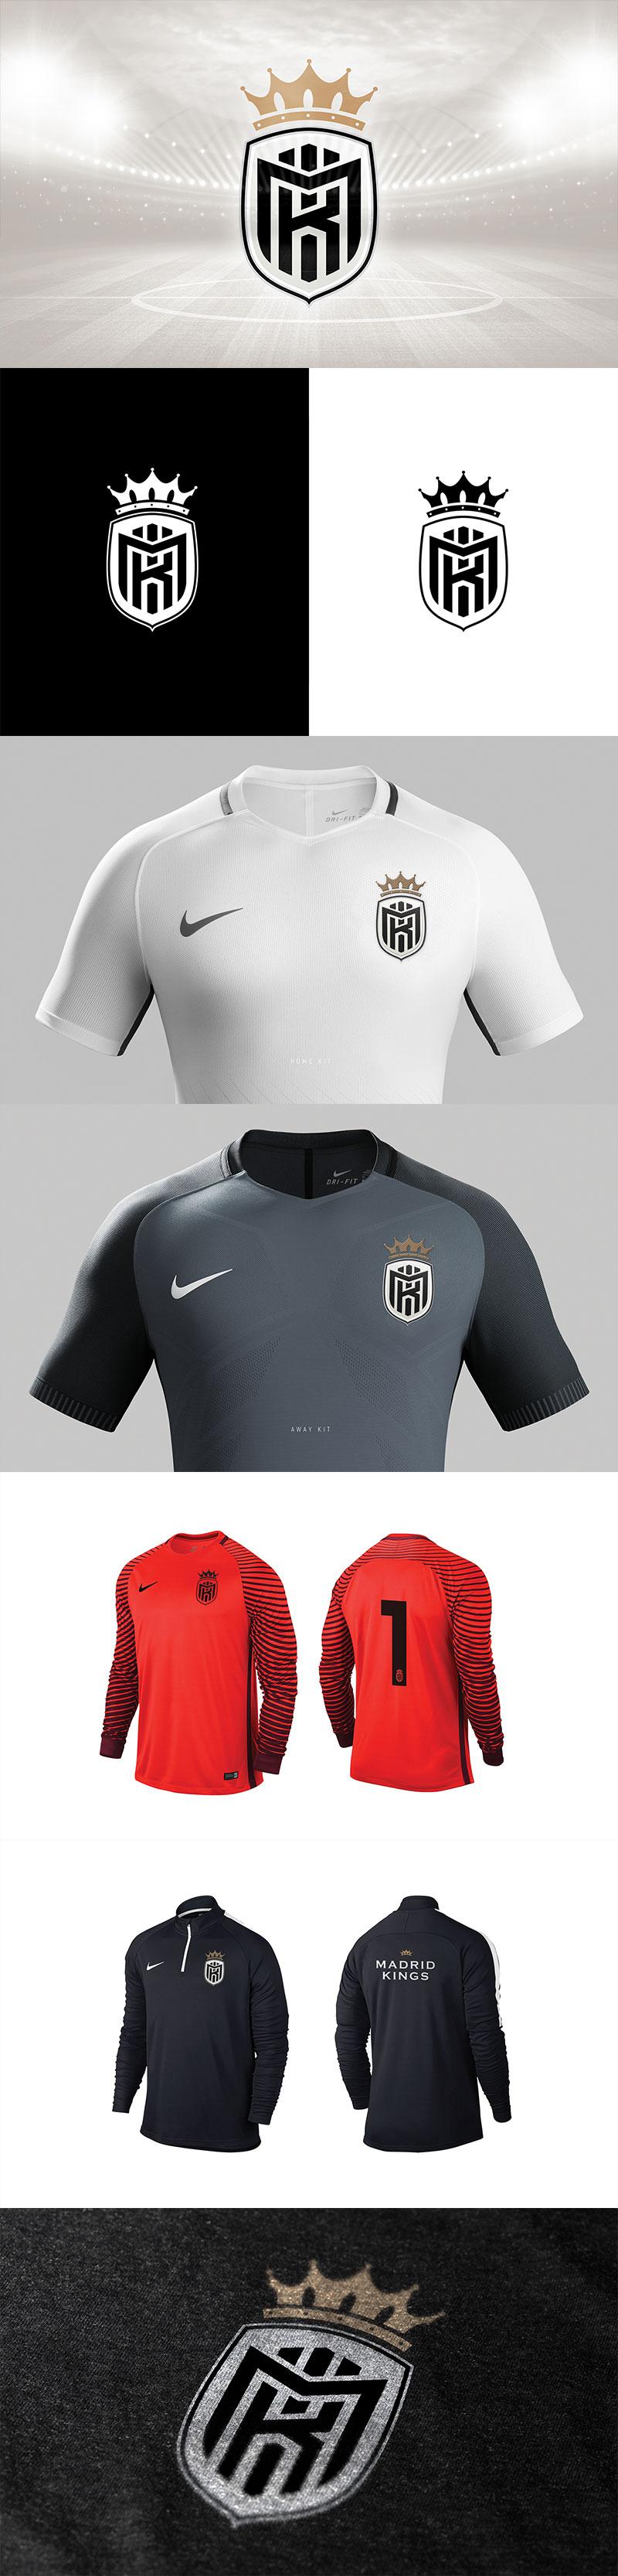 Diseños de la marca del Club de Fútbol: Branding The Madrid Kingsby por Ricardo Carvalho